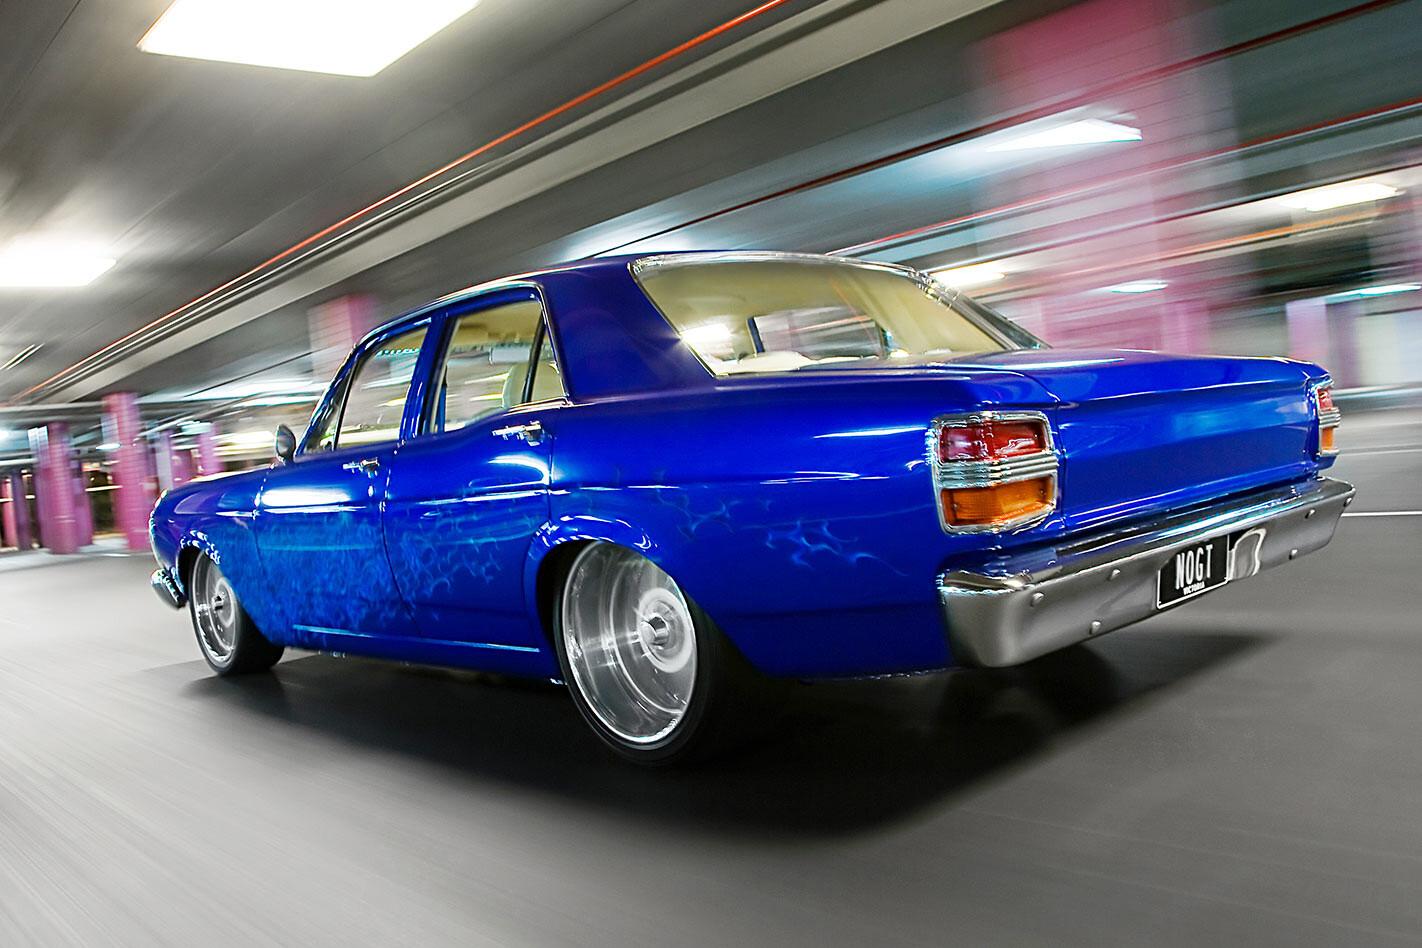 Ford XY Falcon rear